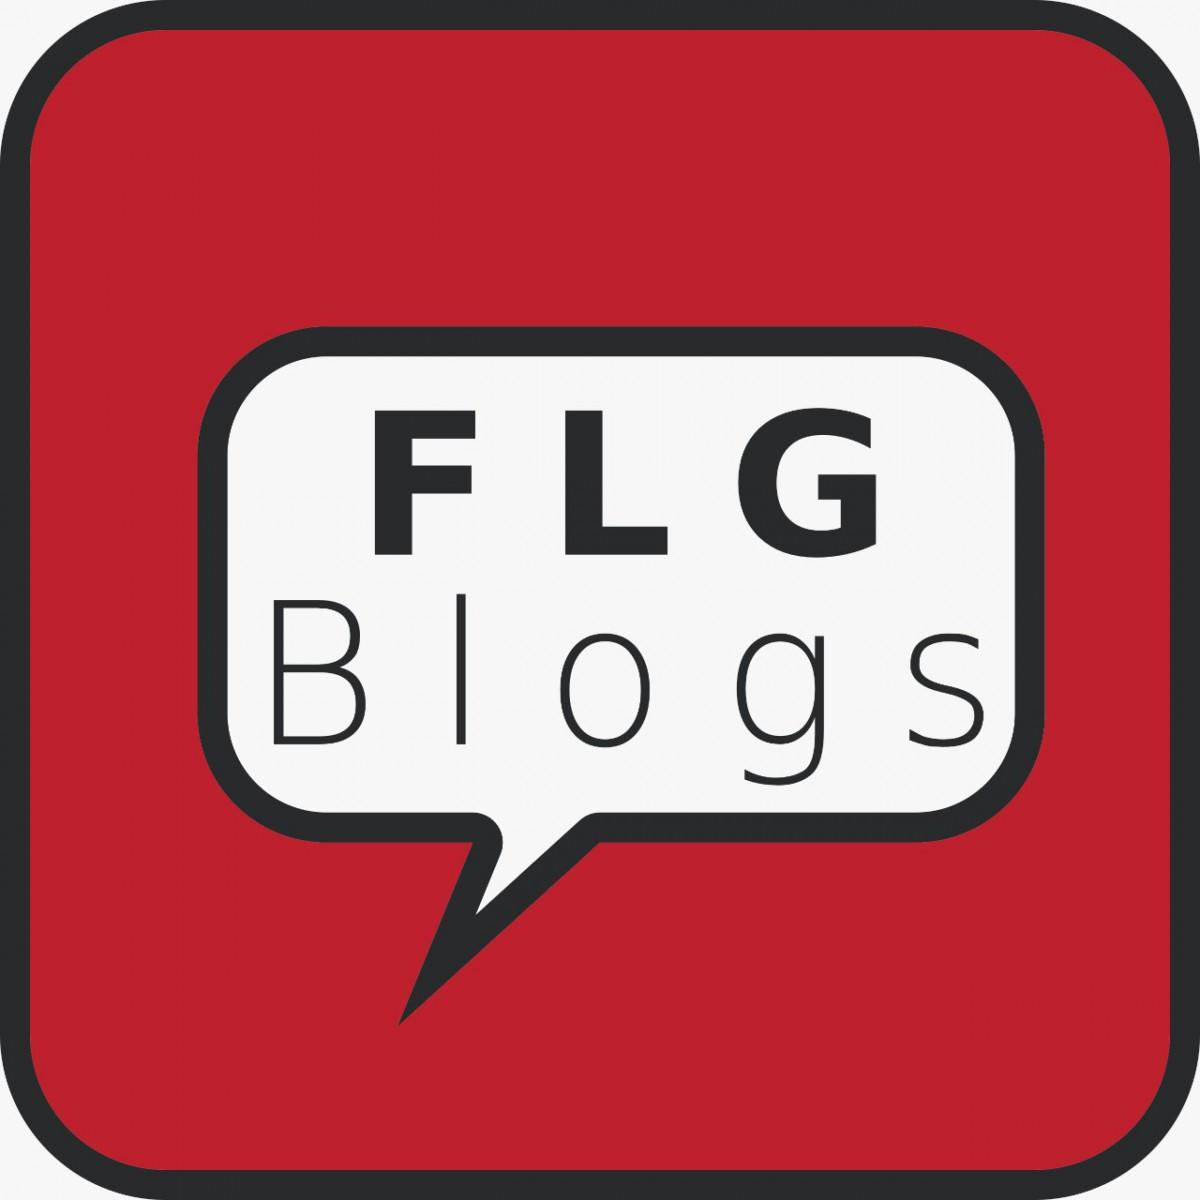 FLG Blogs